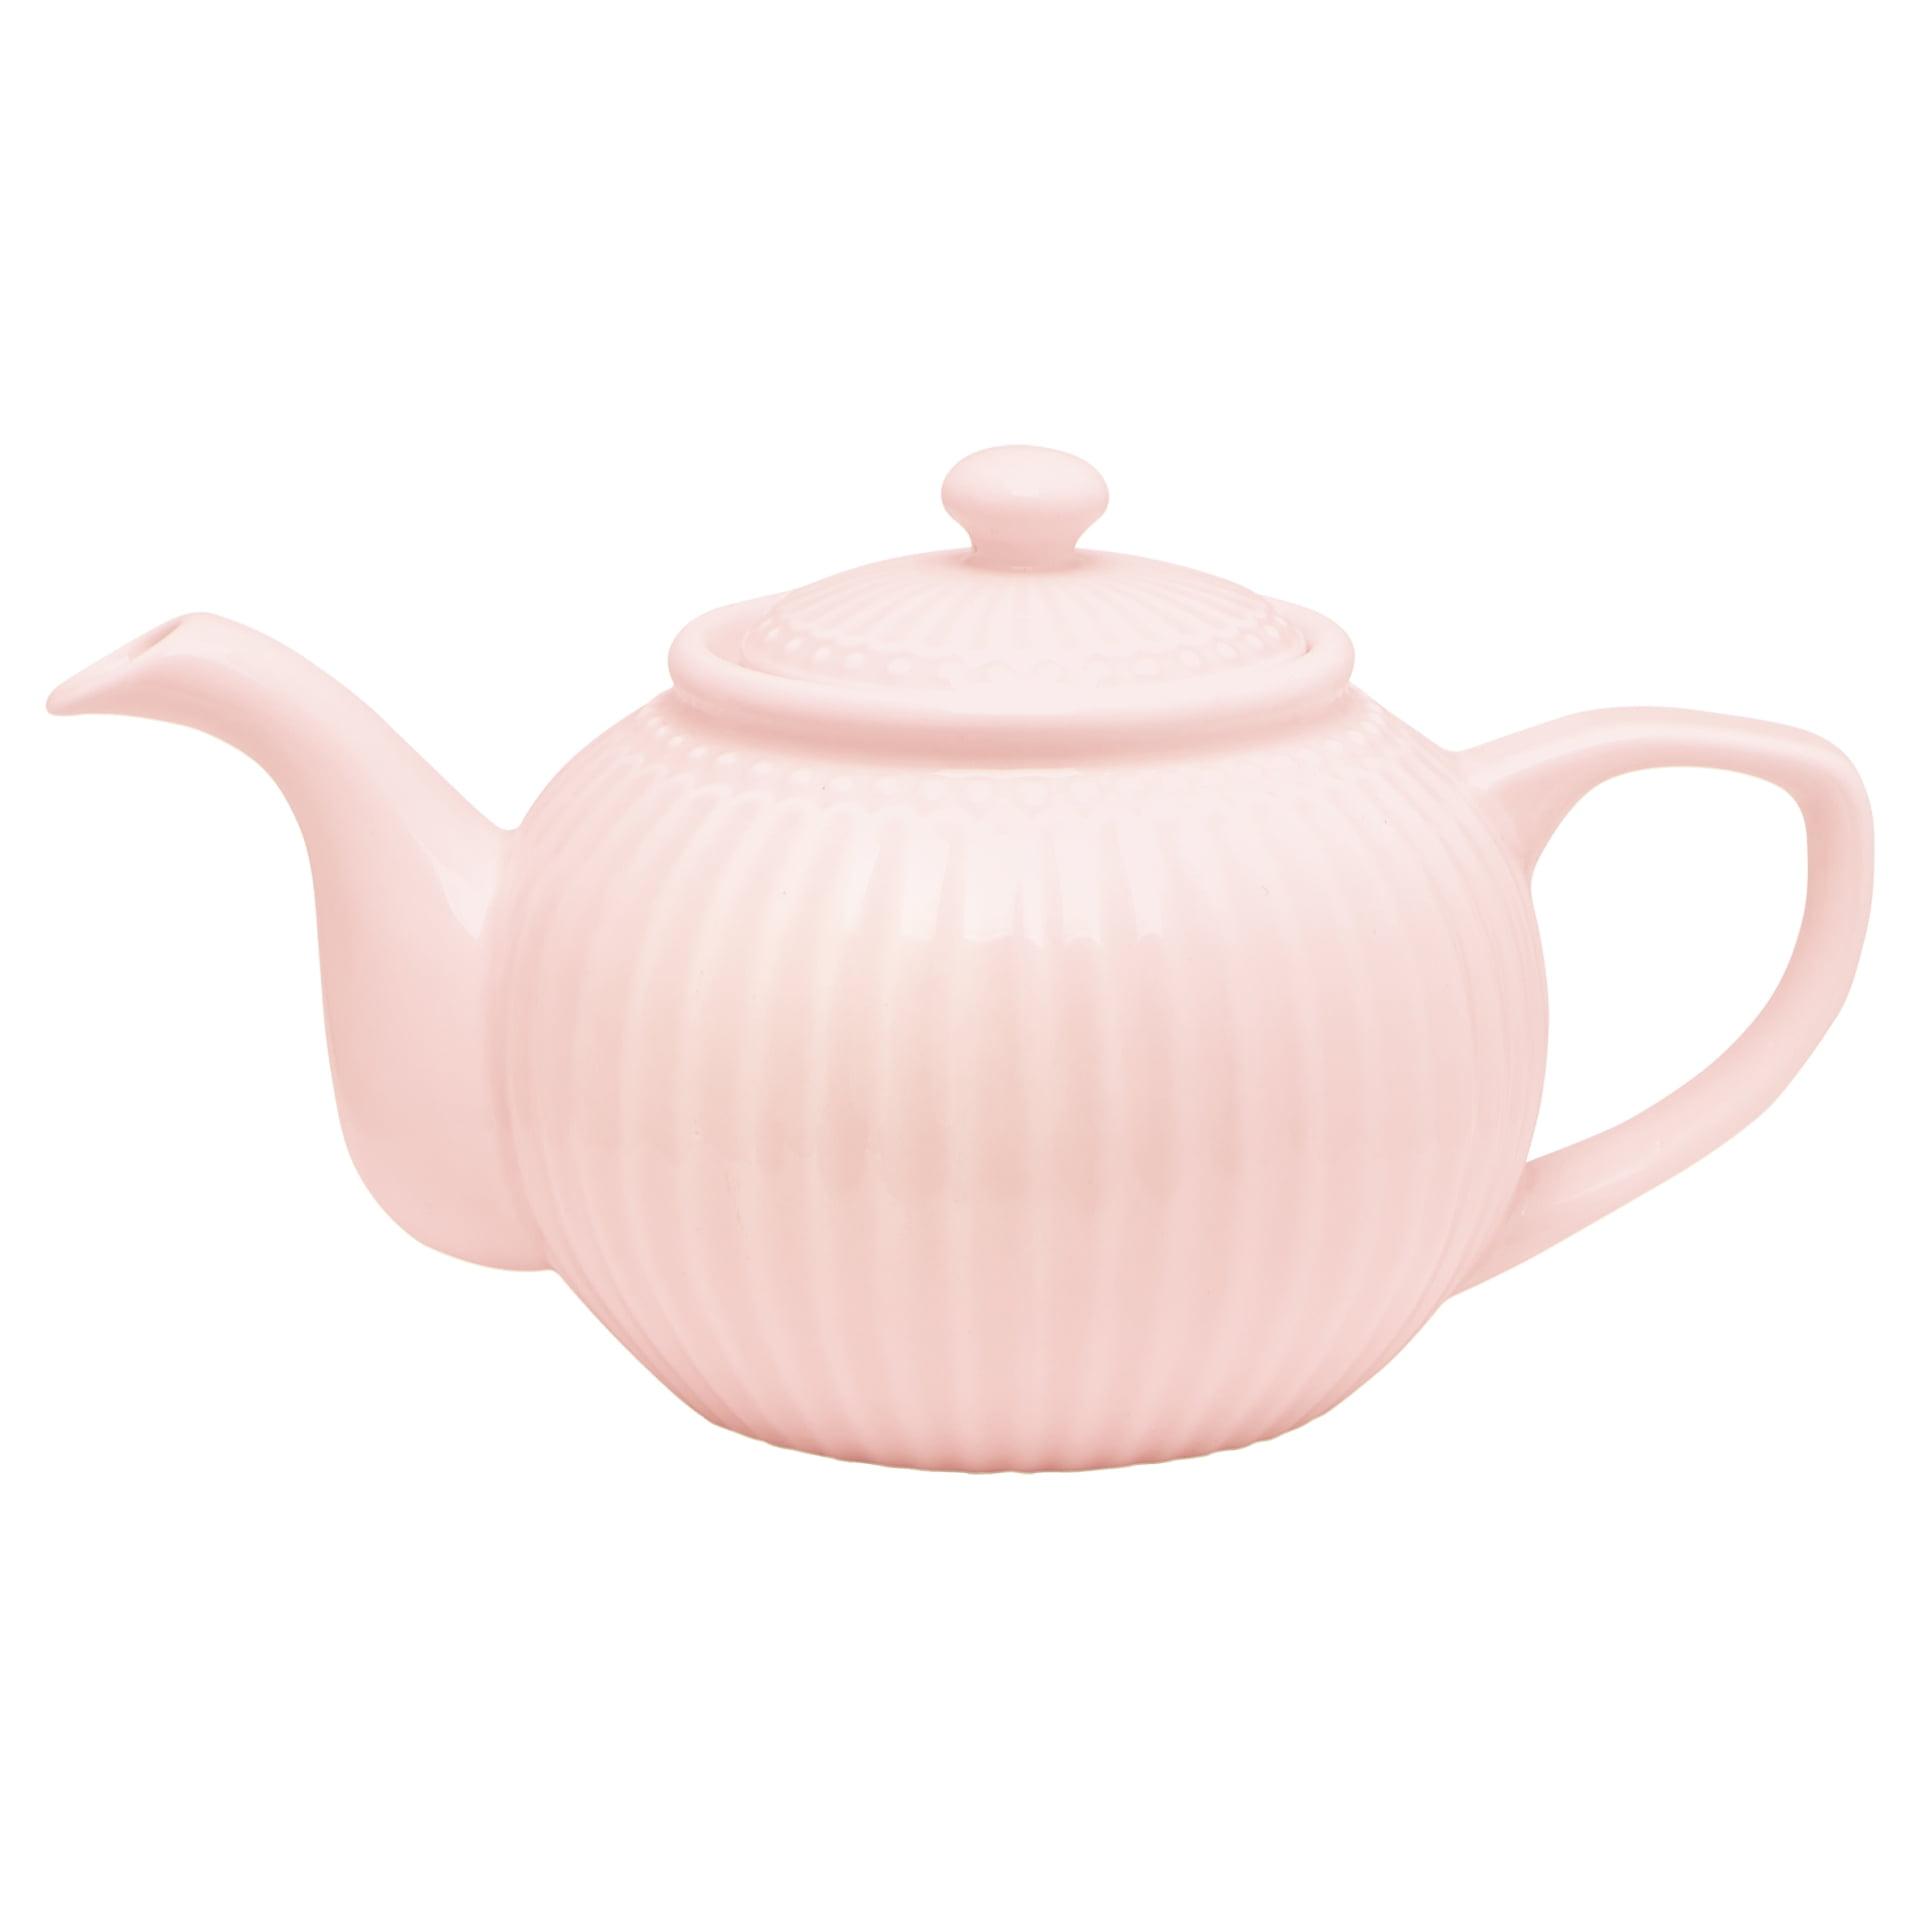 GREEN GATE Porcelánová konvice Alice pale pink, růžová barva, porcelán